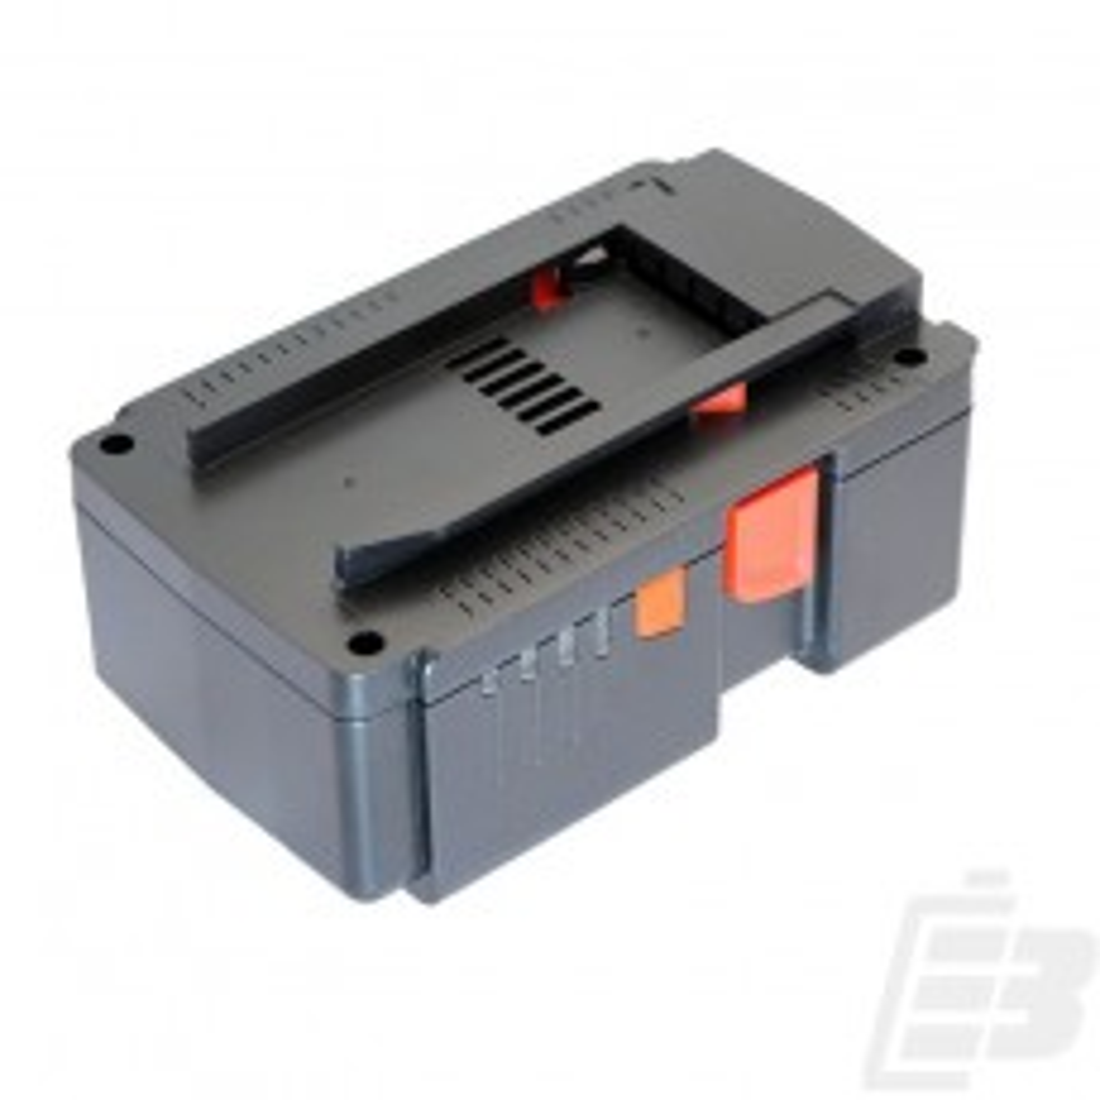 Μπαταρία ηλεκτρικού εργαλείου Metabo 25.2V 3.0Ah_1